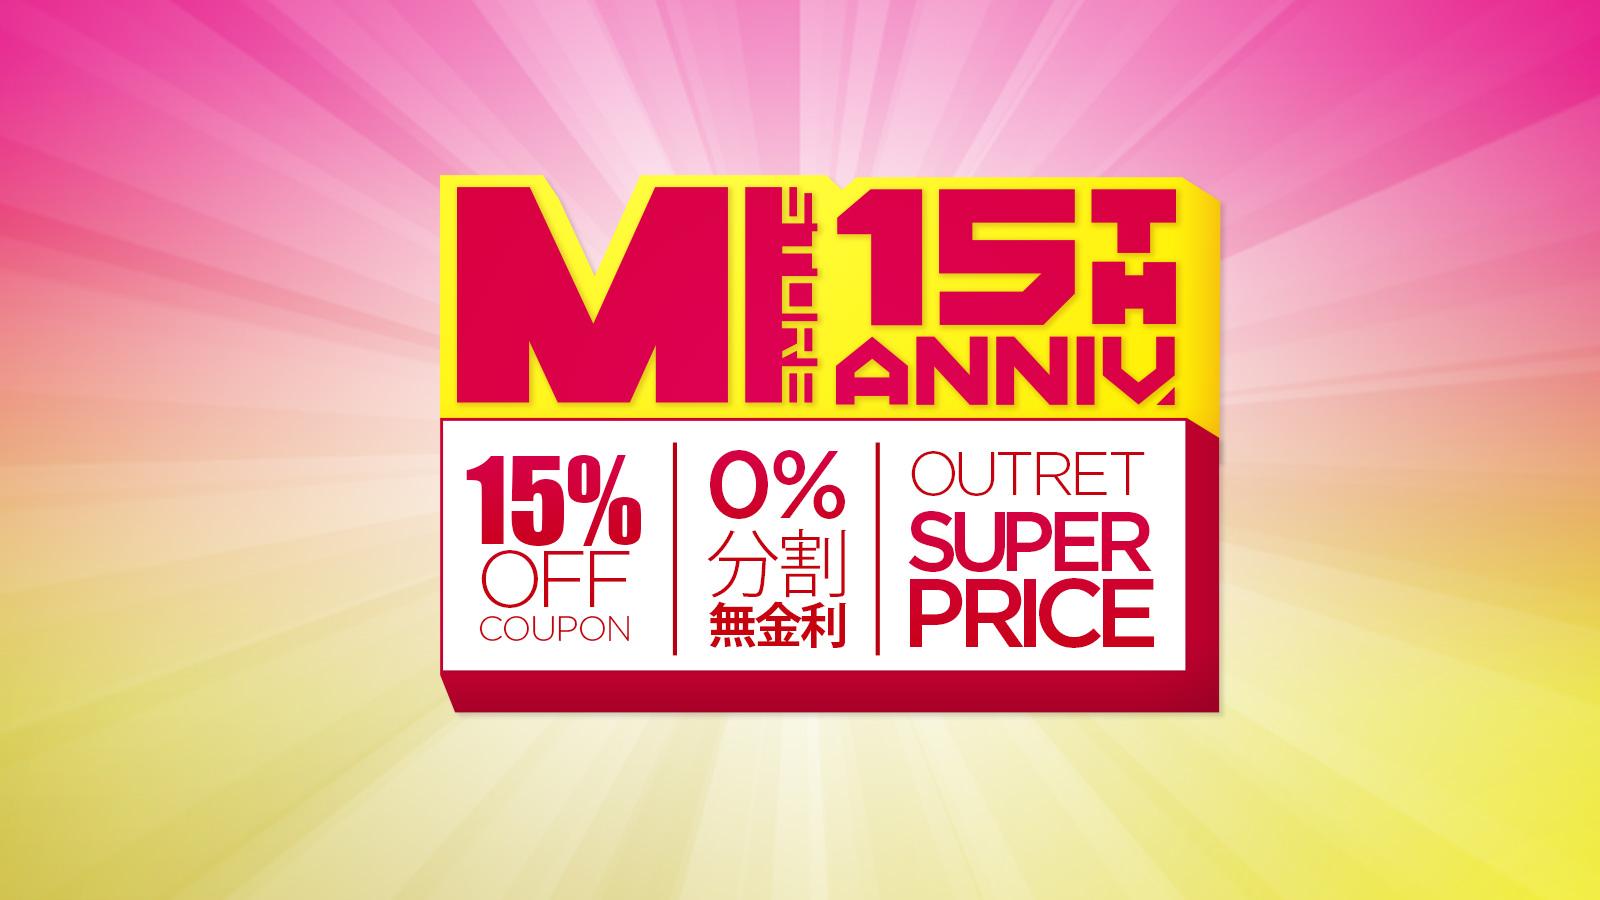 MIストア15周年特別企画 15%オフクーポン & アウトレットセール!